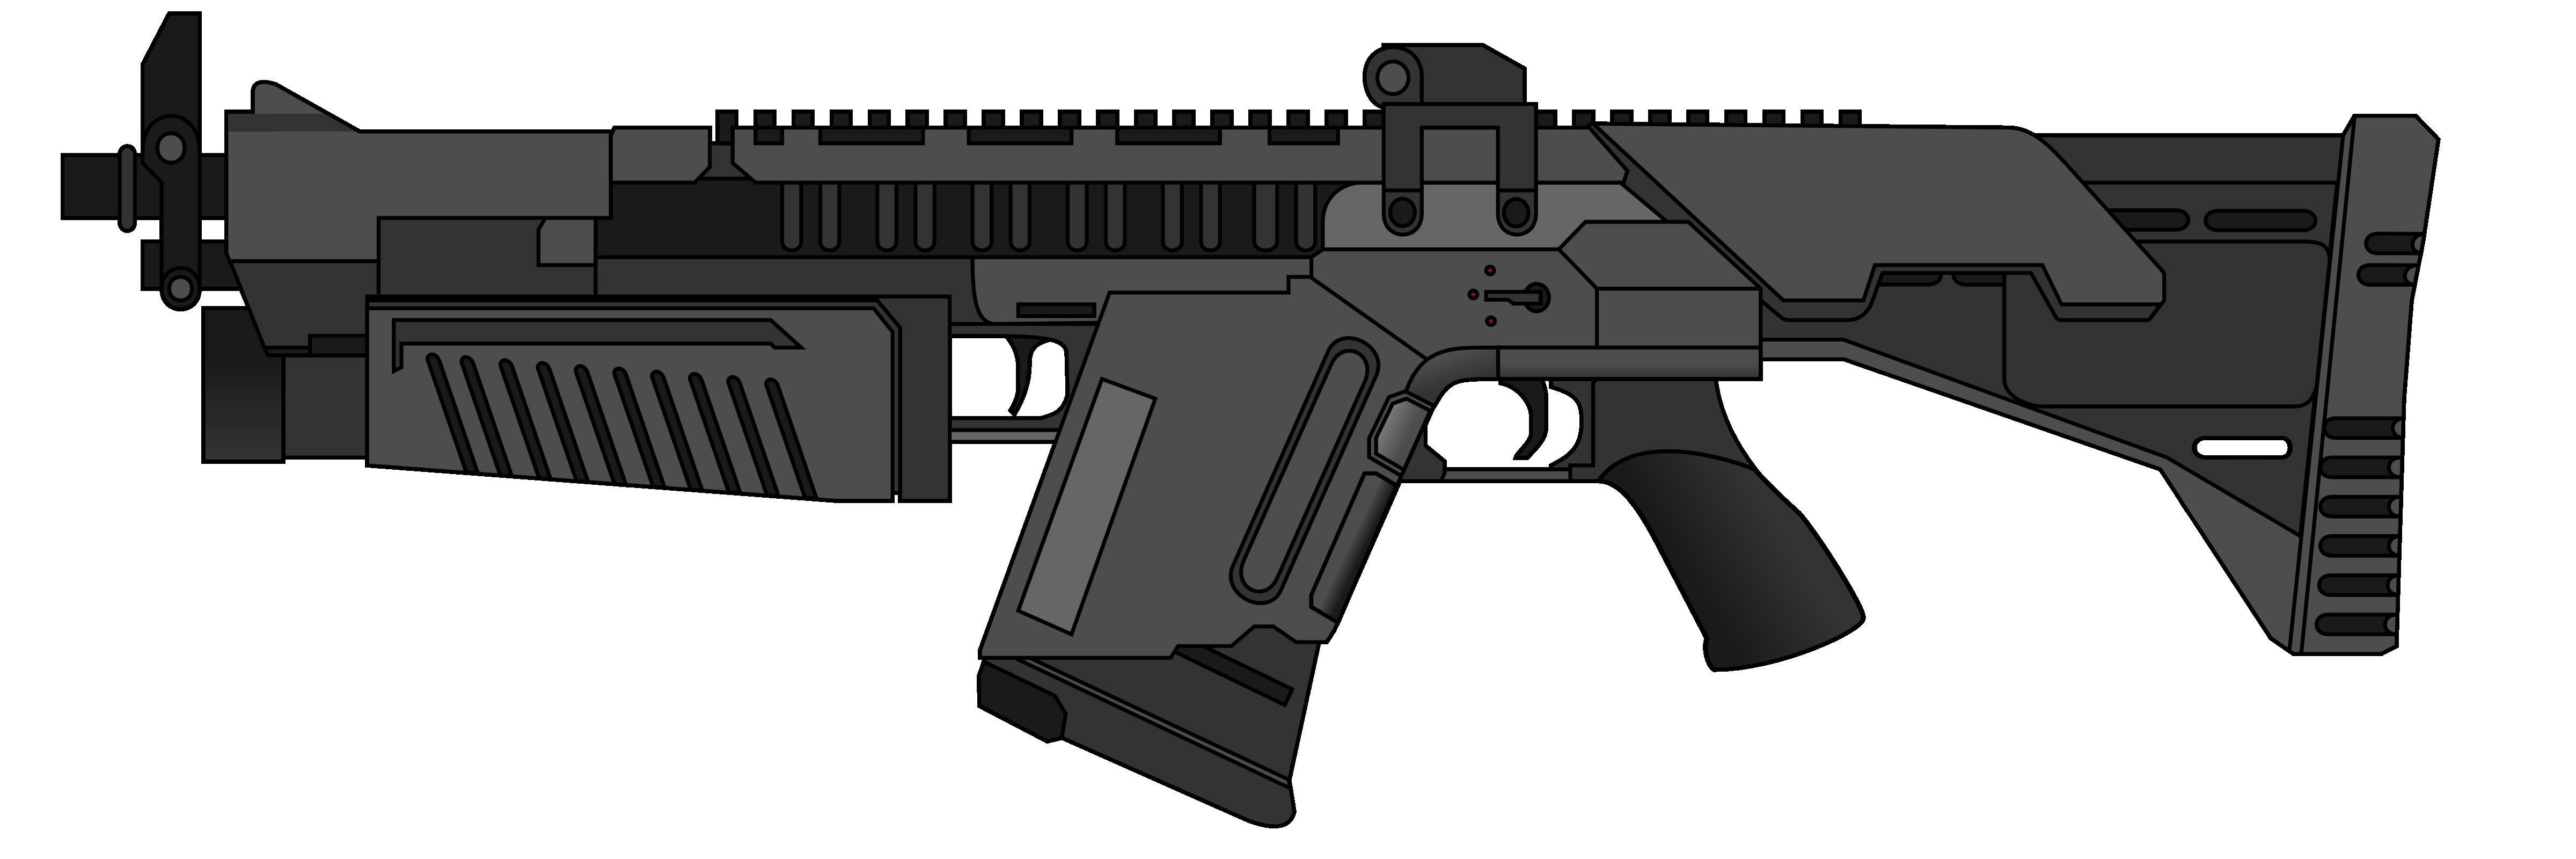 Assault Rifle PNG - 17700